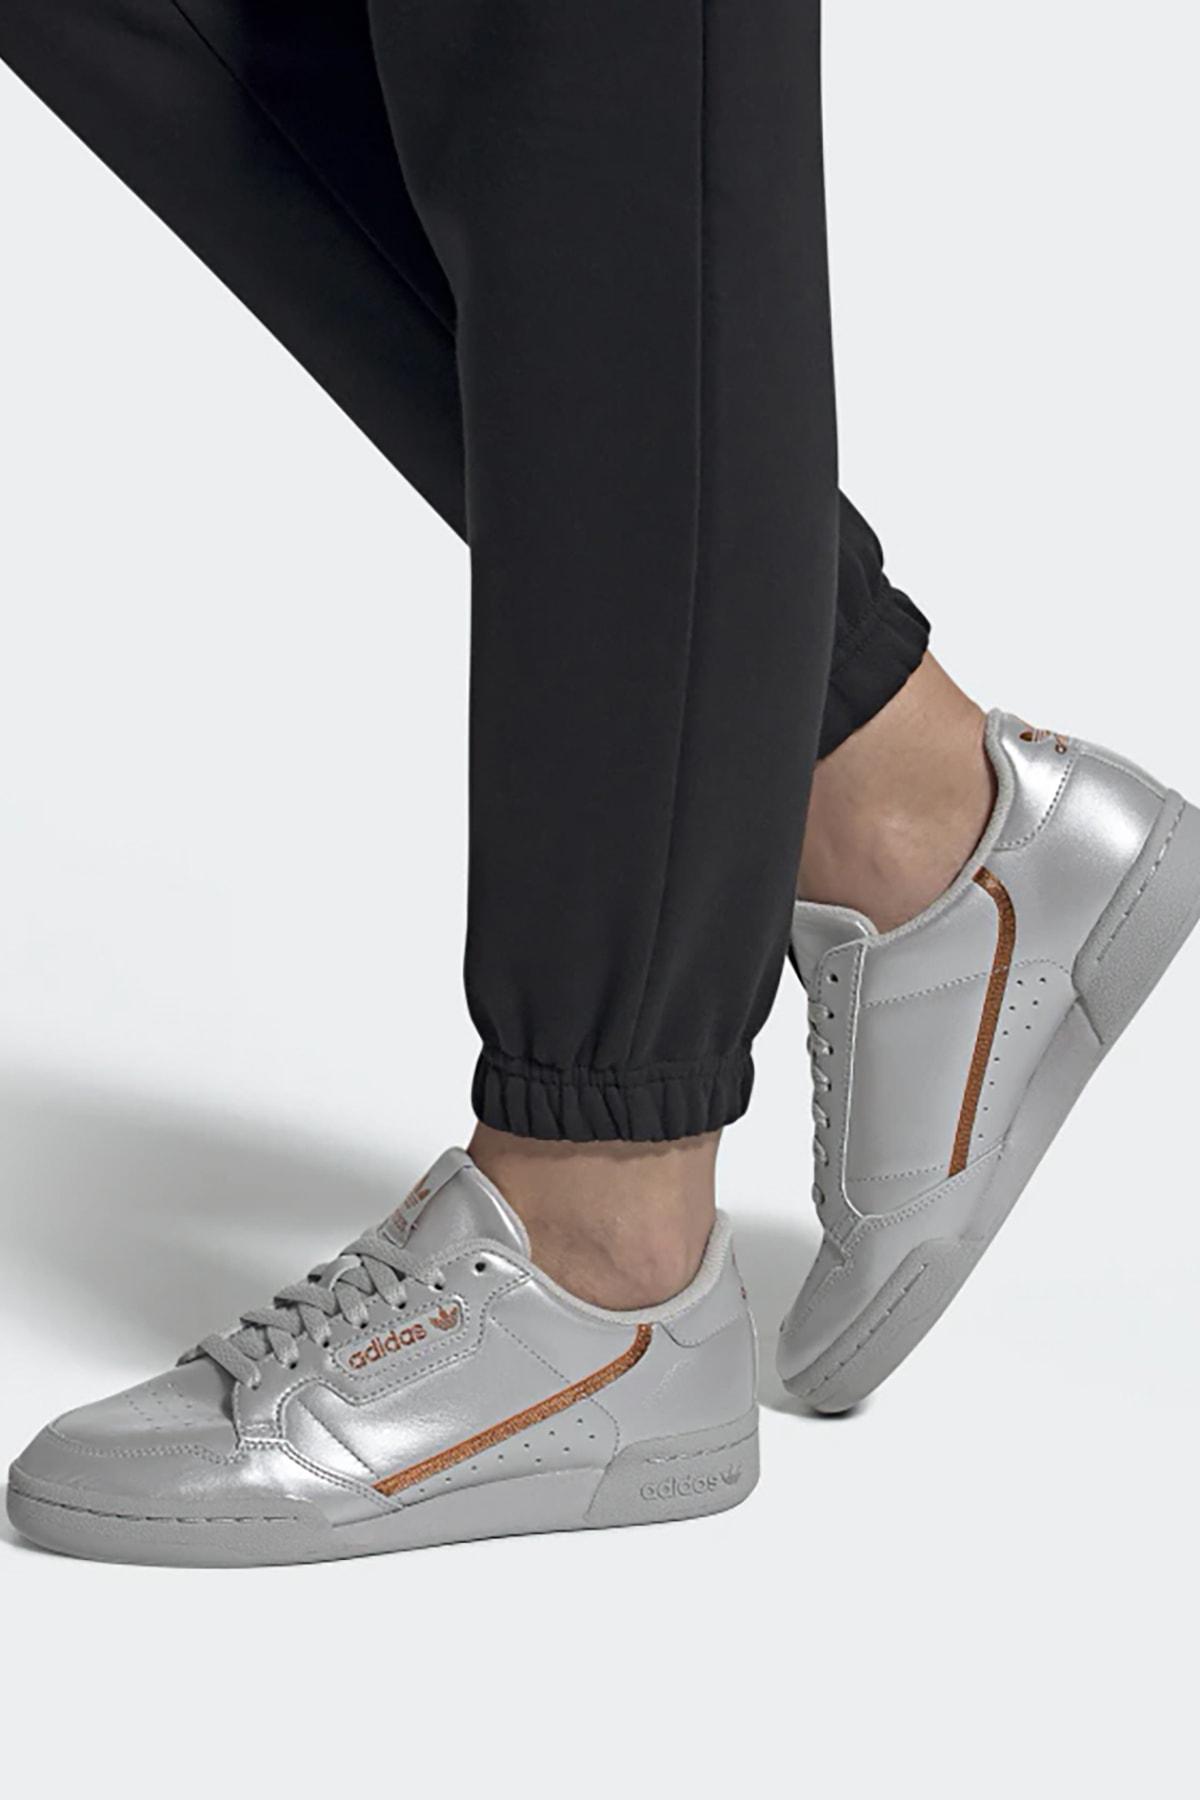 adidas Kadın Günlük Spor Ayakkabı Ee5565 Contınental 80 W 2